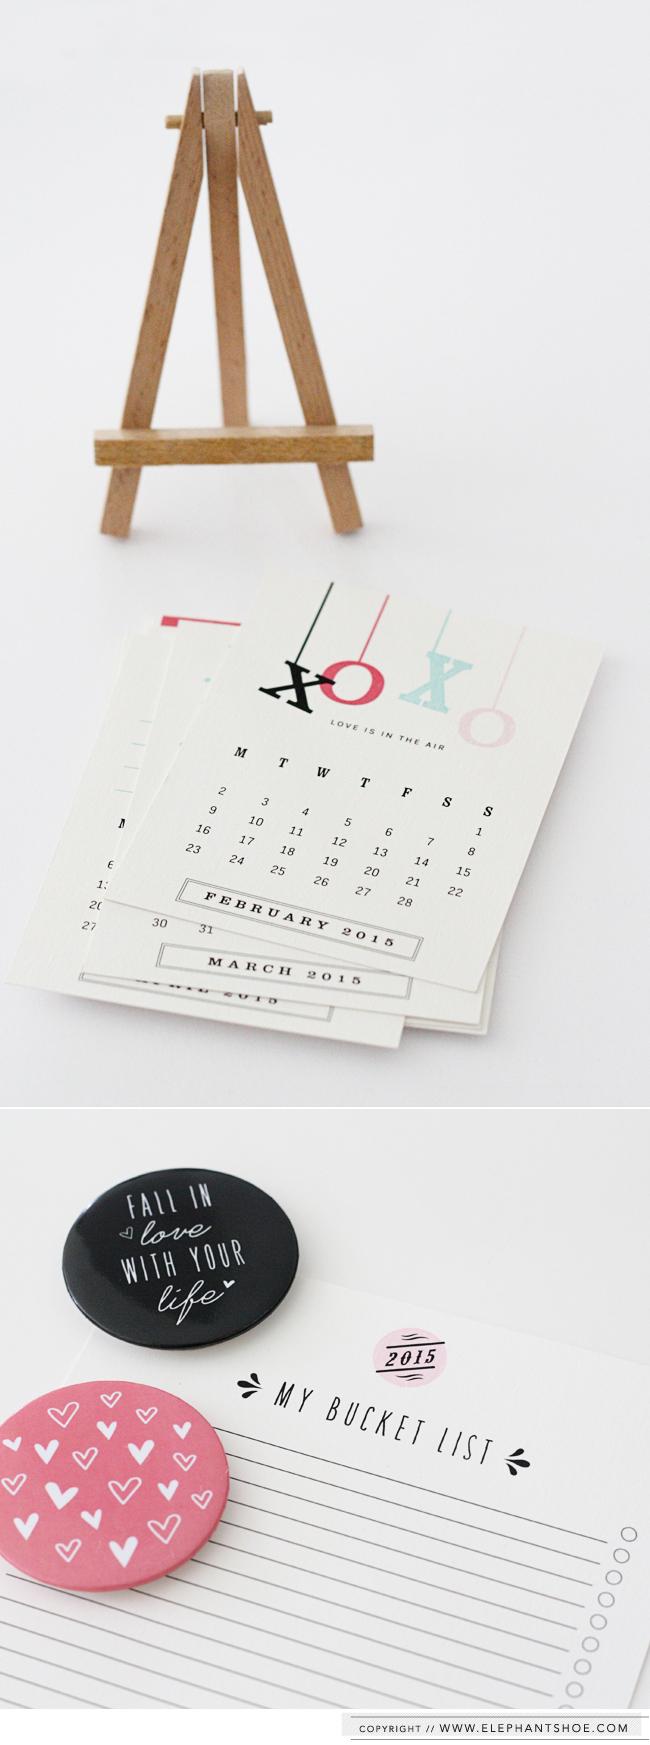 Elephantshoe Calendar